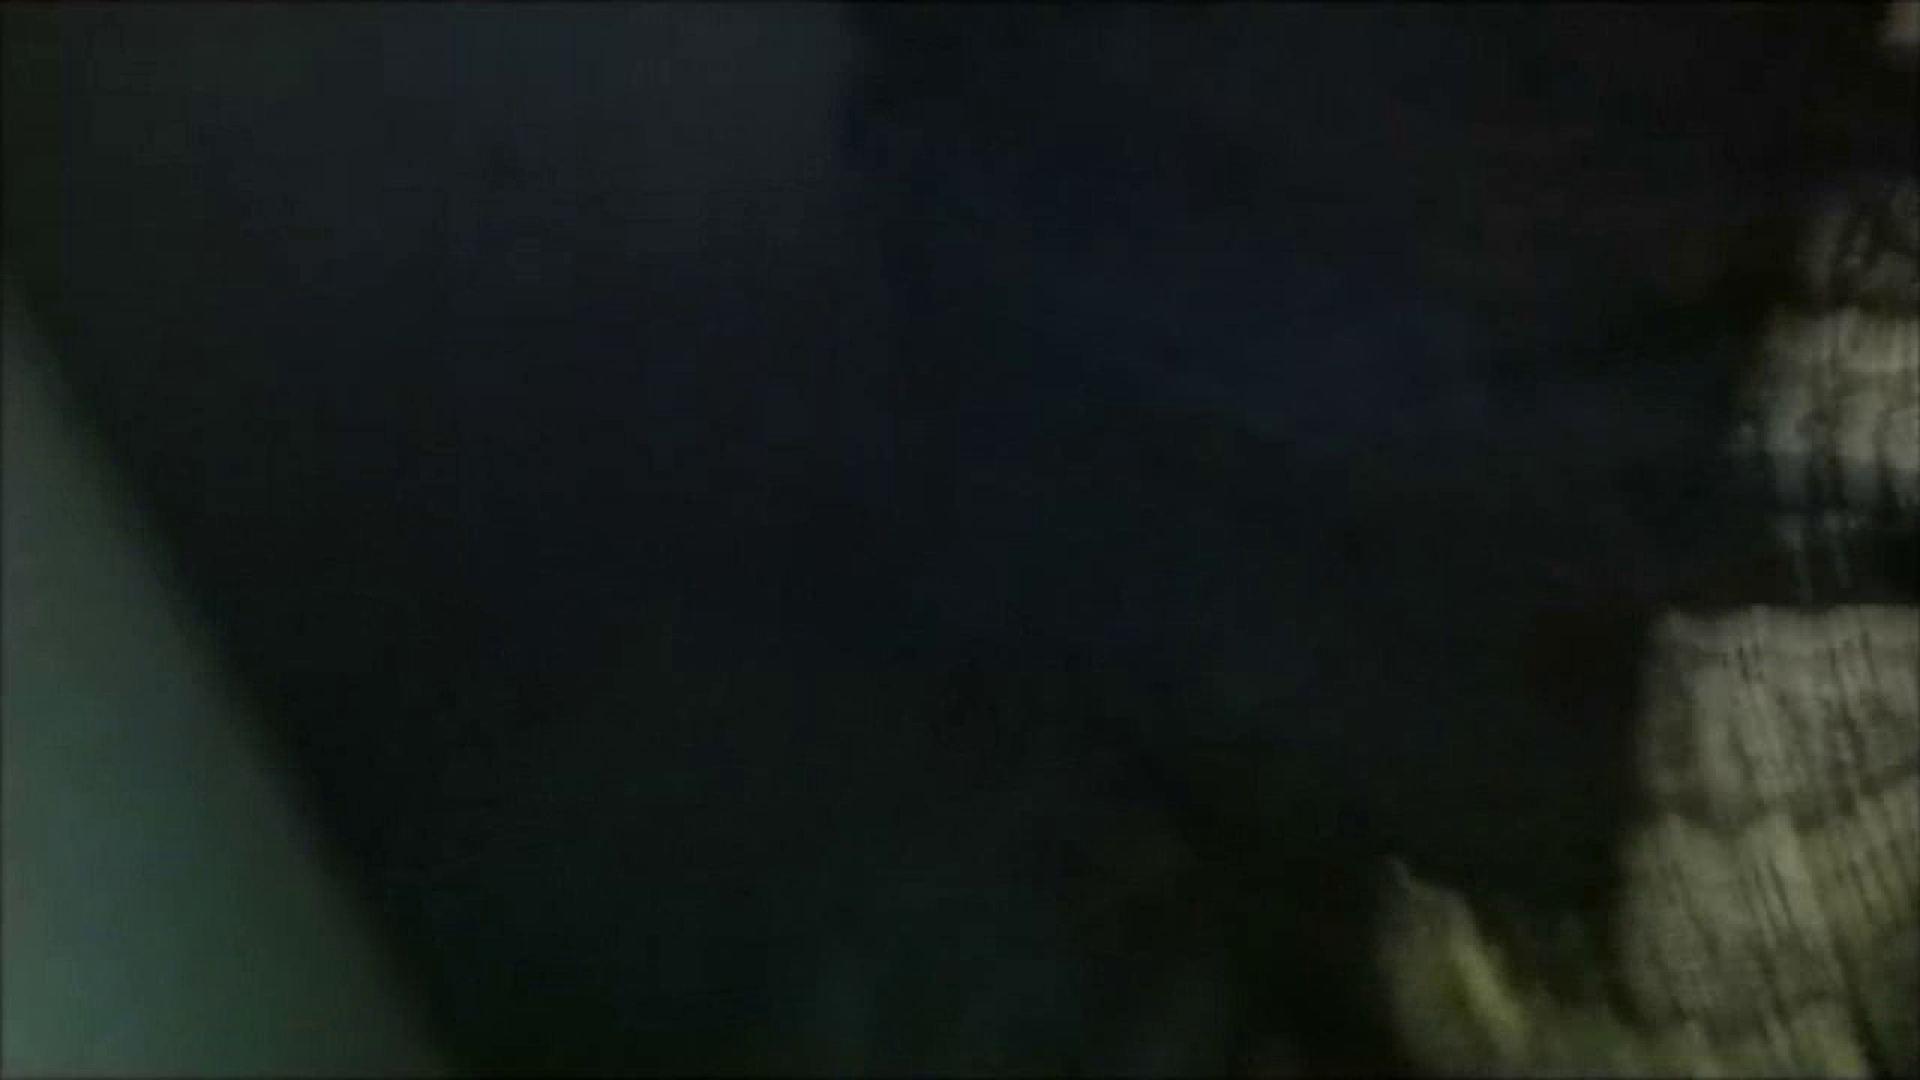 vol.5 【Nちゃん】某百貨店化粧品コーナー店員21歳 恋愛には至らず 女子大生 ぱこり動画紹介 108枚 94